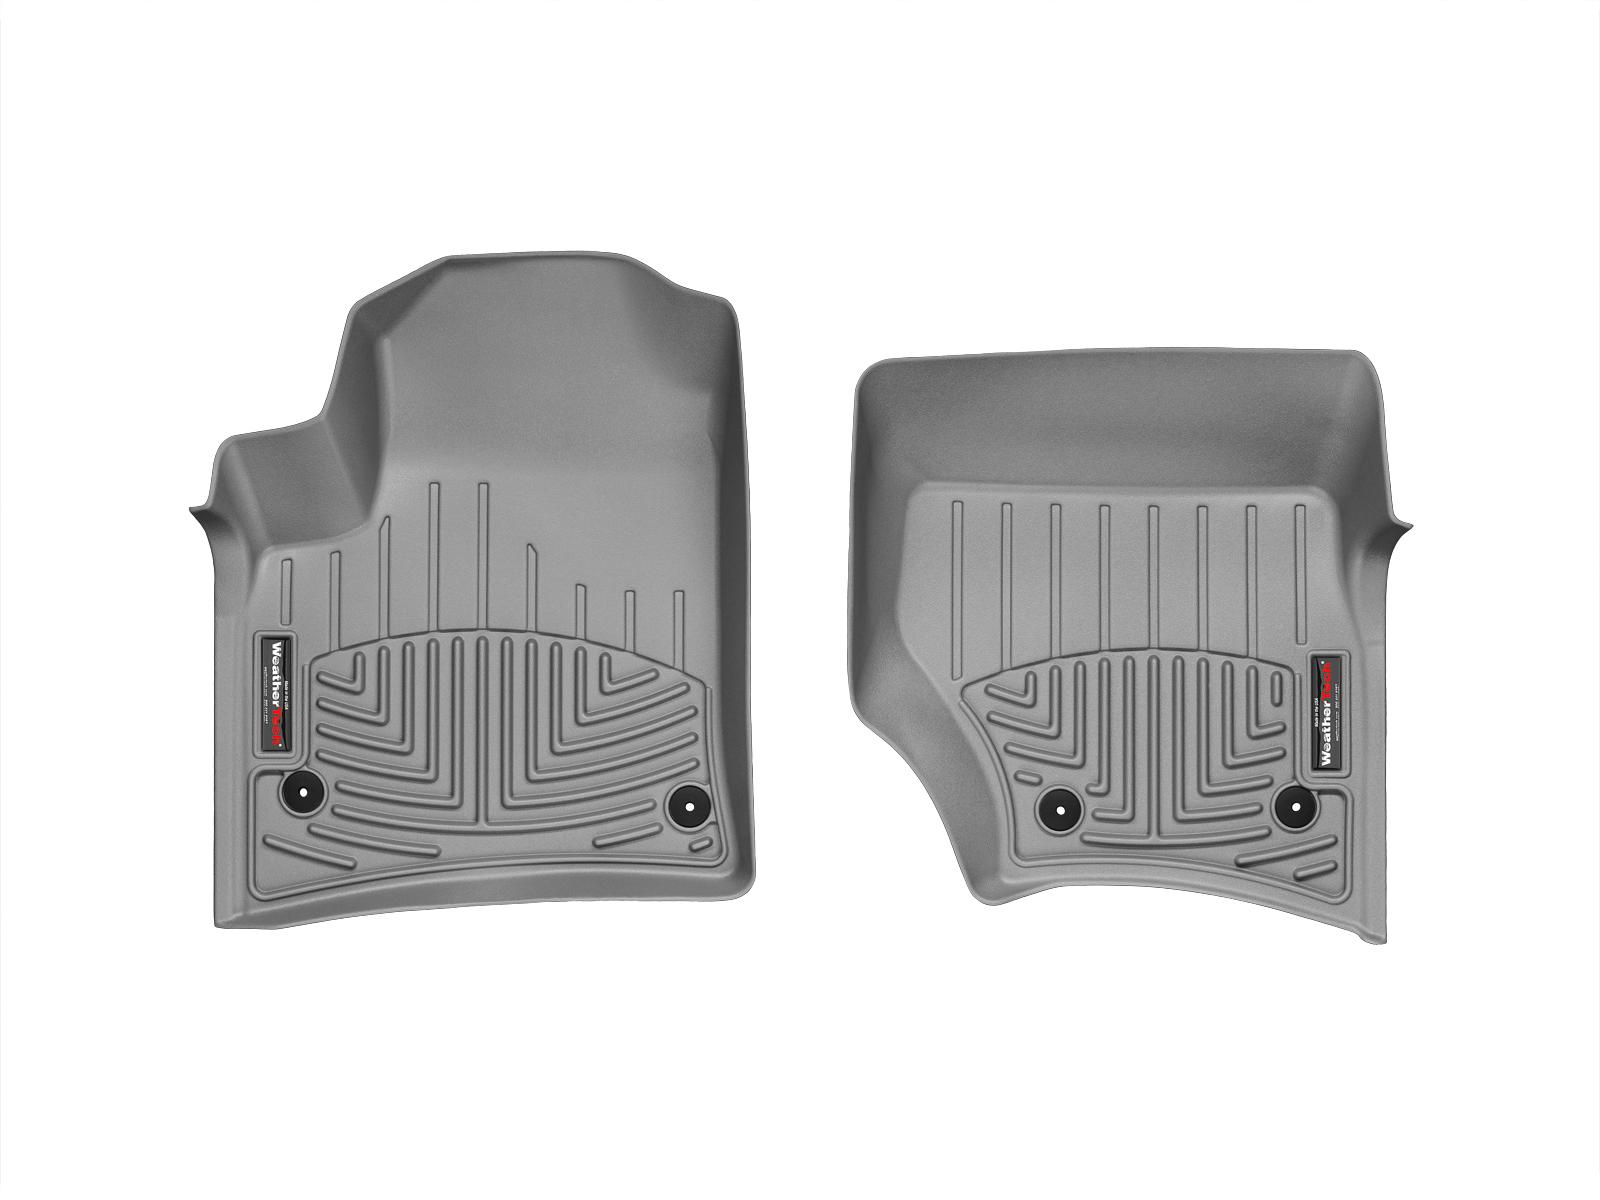 Tappeti gomma su misura bordo alto Porsche® Cayenne® 09>09 Grigio A3118